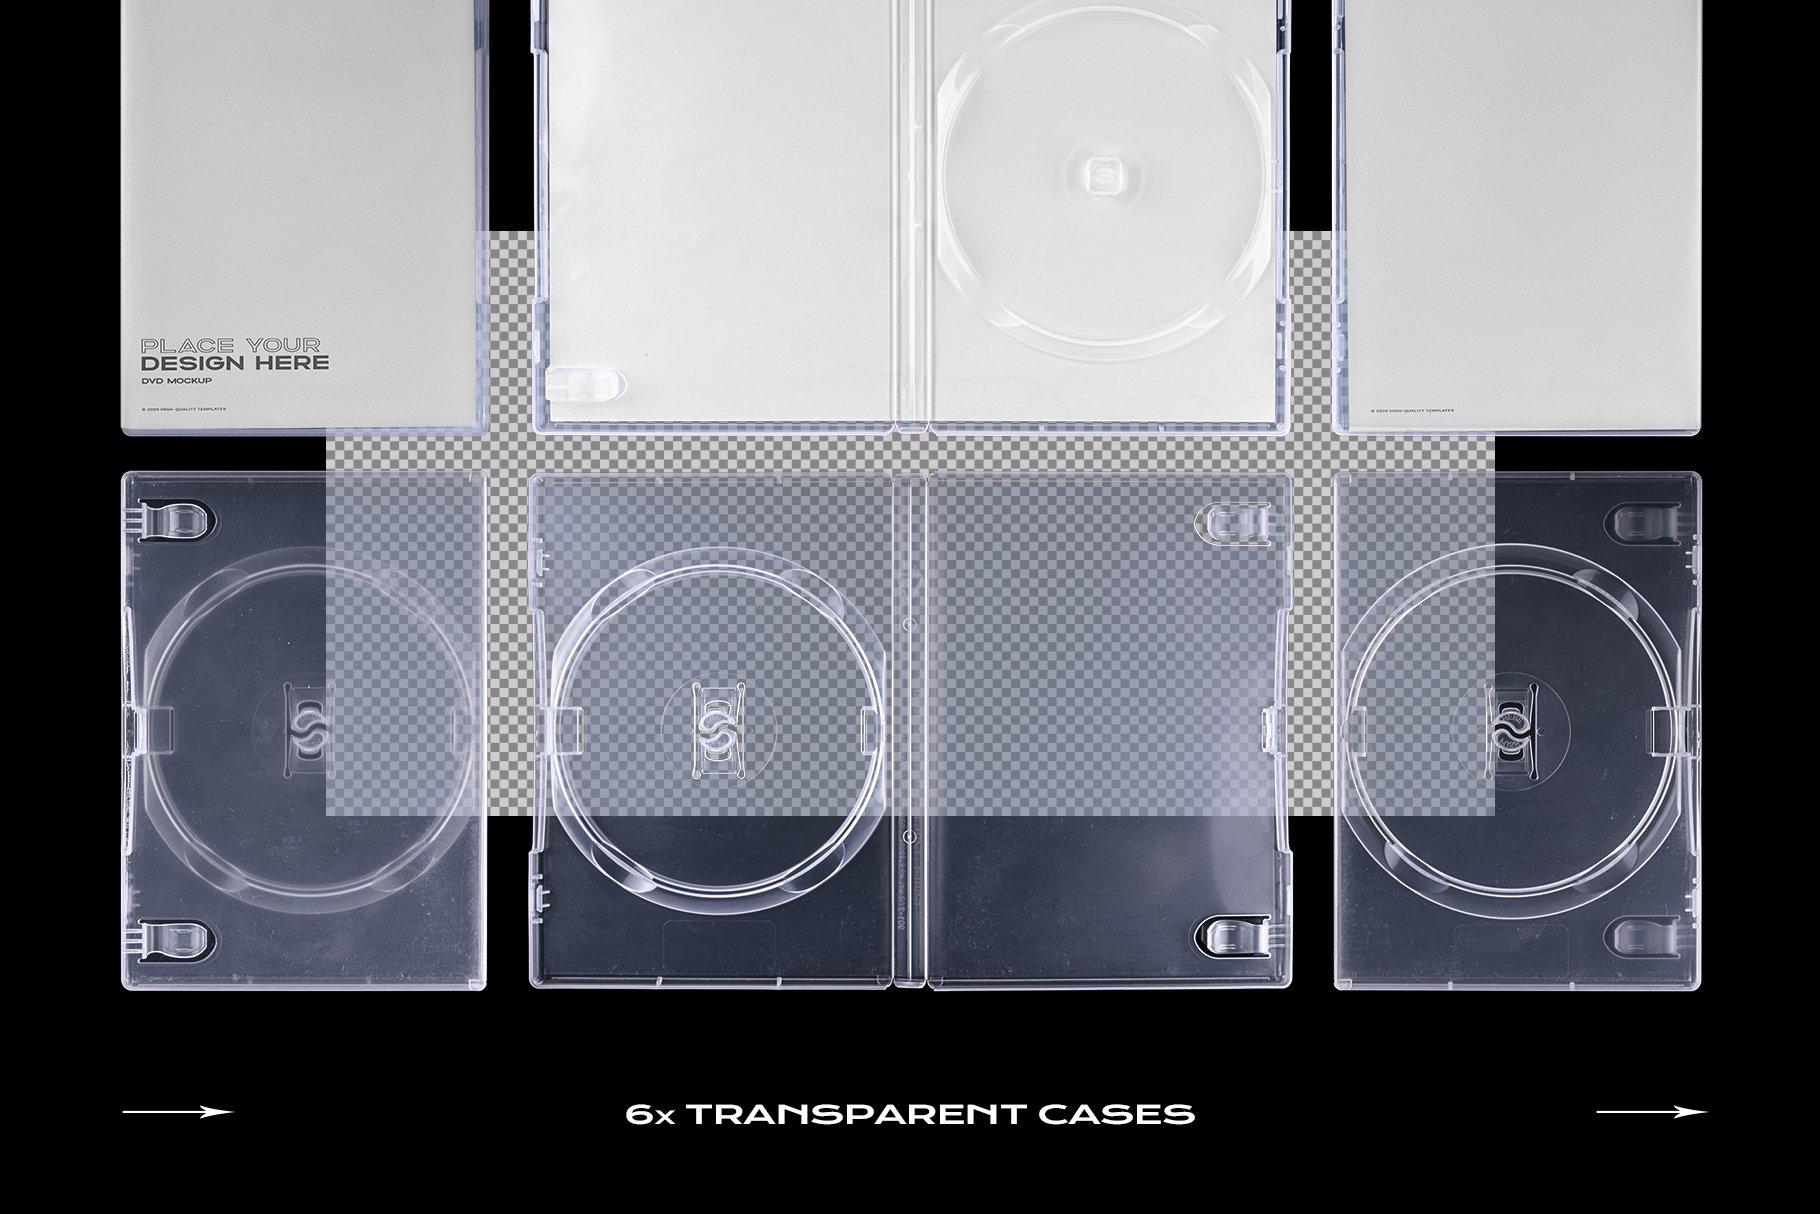 [淘宝购买] 60个DVD光盘包装盒塑料袋塑料膜贴纸样机PS设计素材 DVD Case Mockup Template Bundle Disc插图(23)